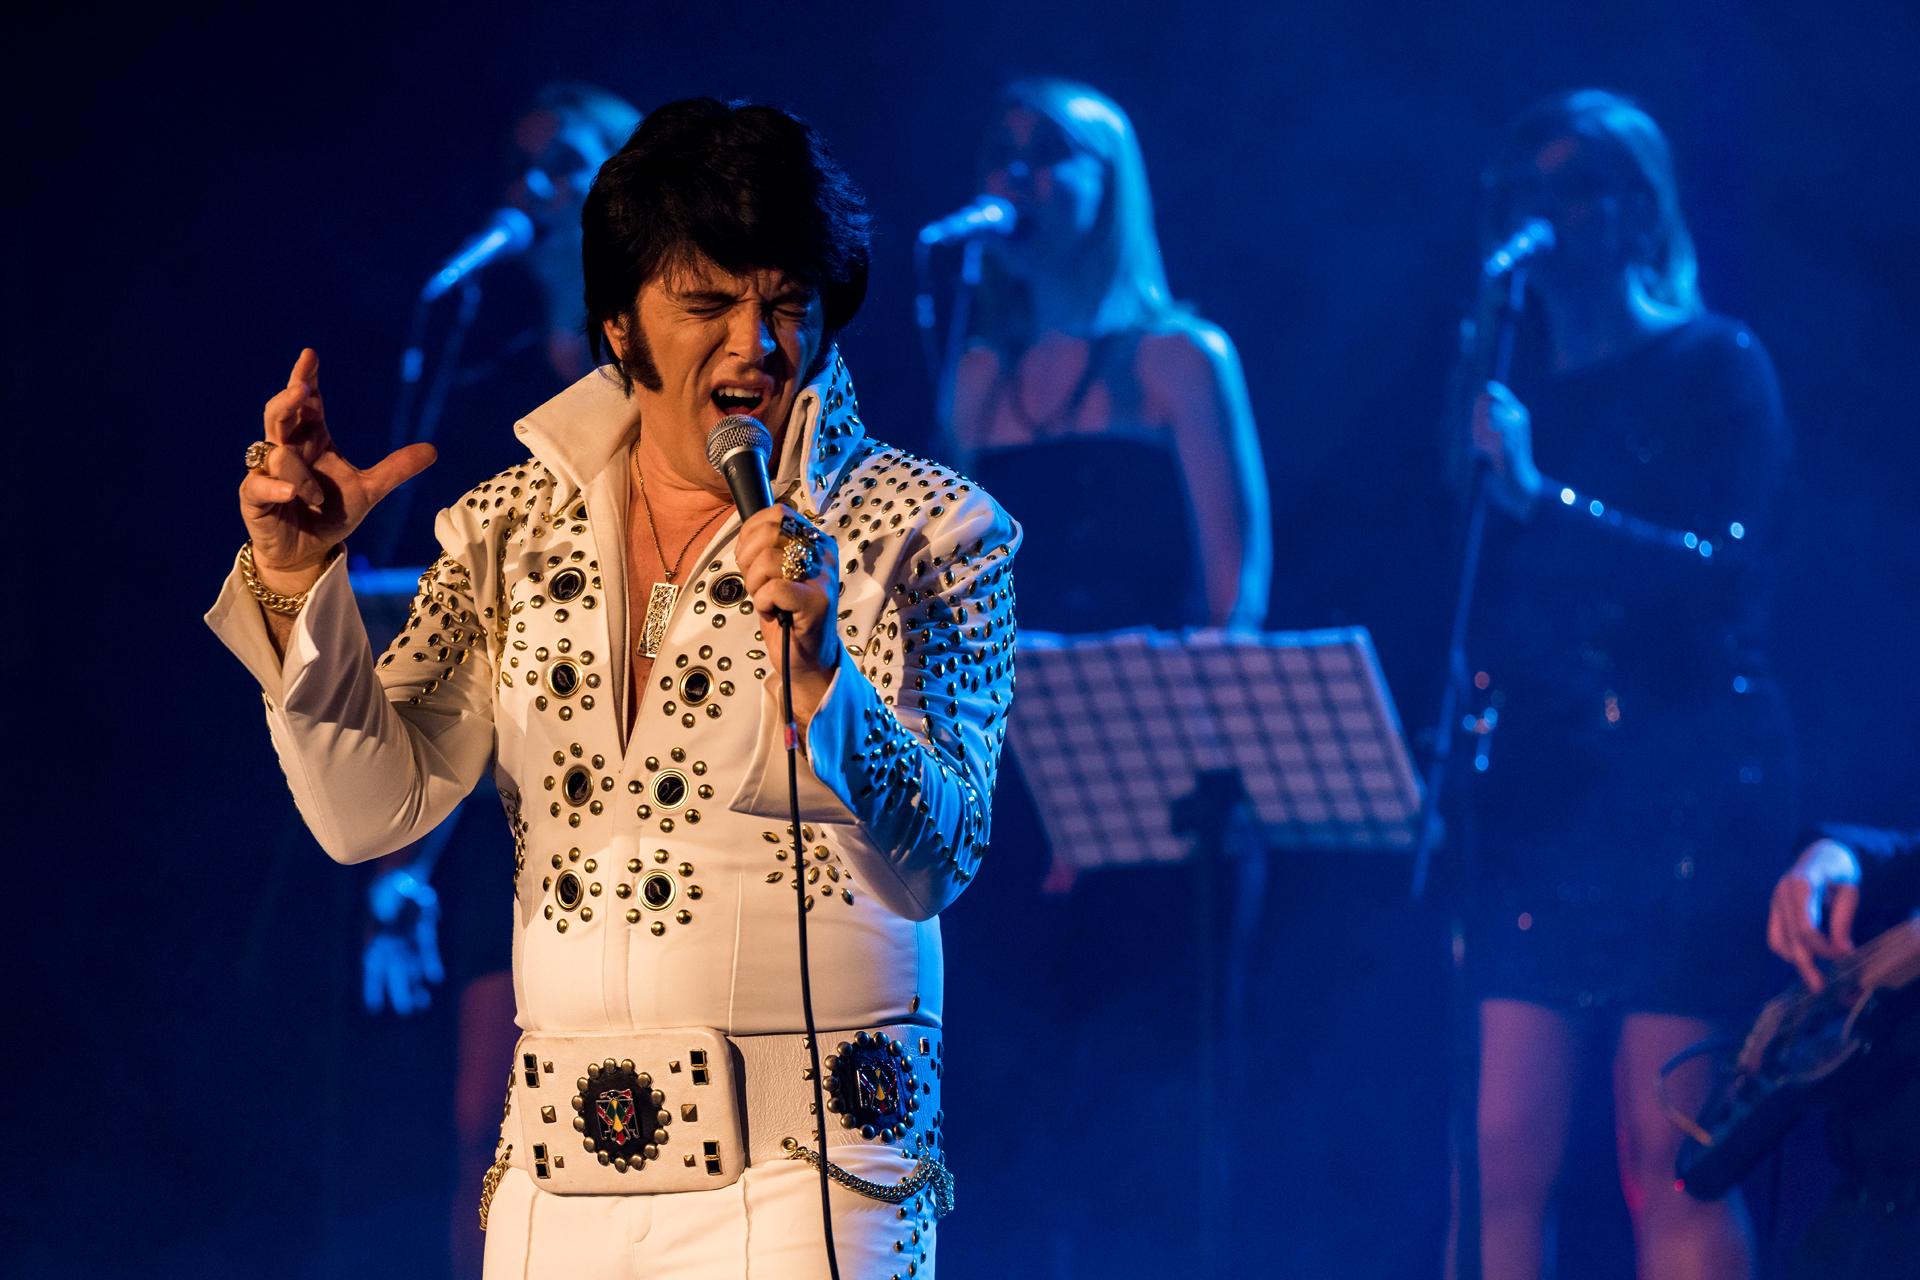 2020_01_14-we4show-Elvis-©-Luca-Vantusso-212542-GFXS2133